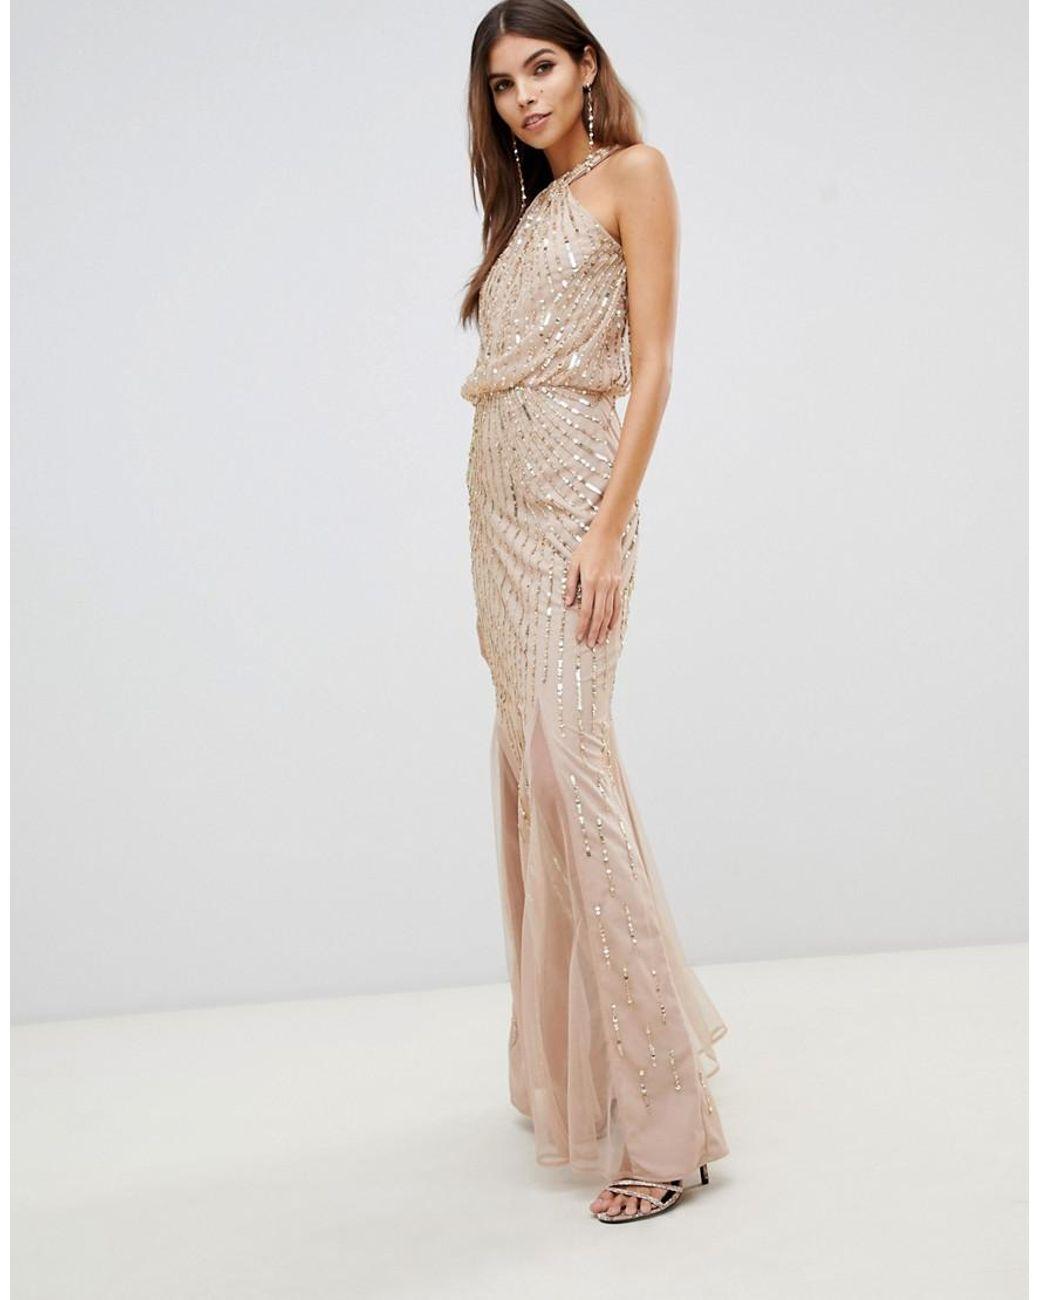 c53db1fb33ce93 Lyst - Lipsy Twist Neck Sequin Maxi Dress In Gold in Metallic